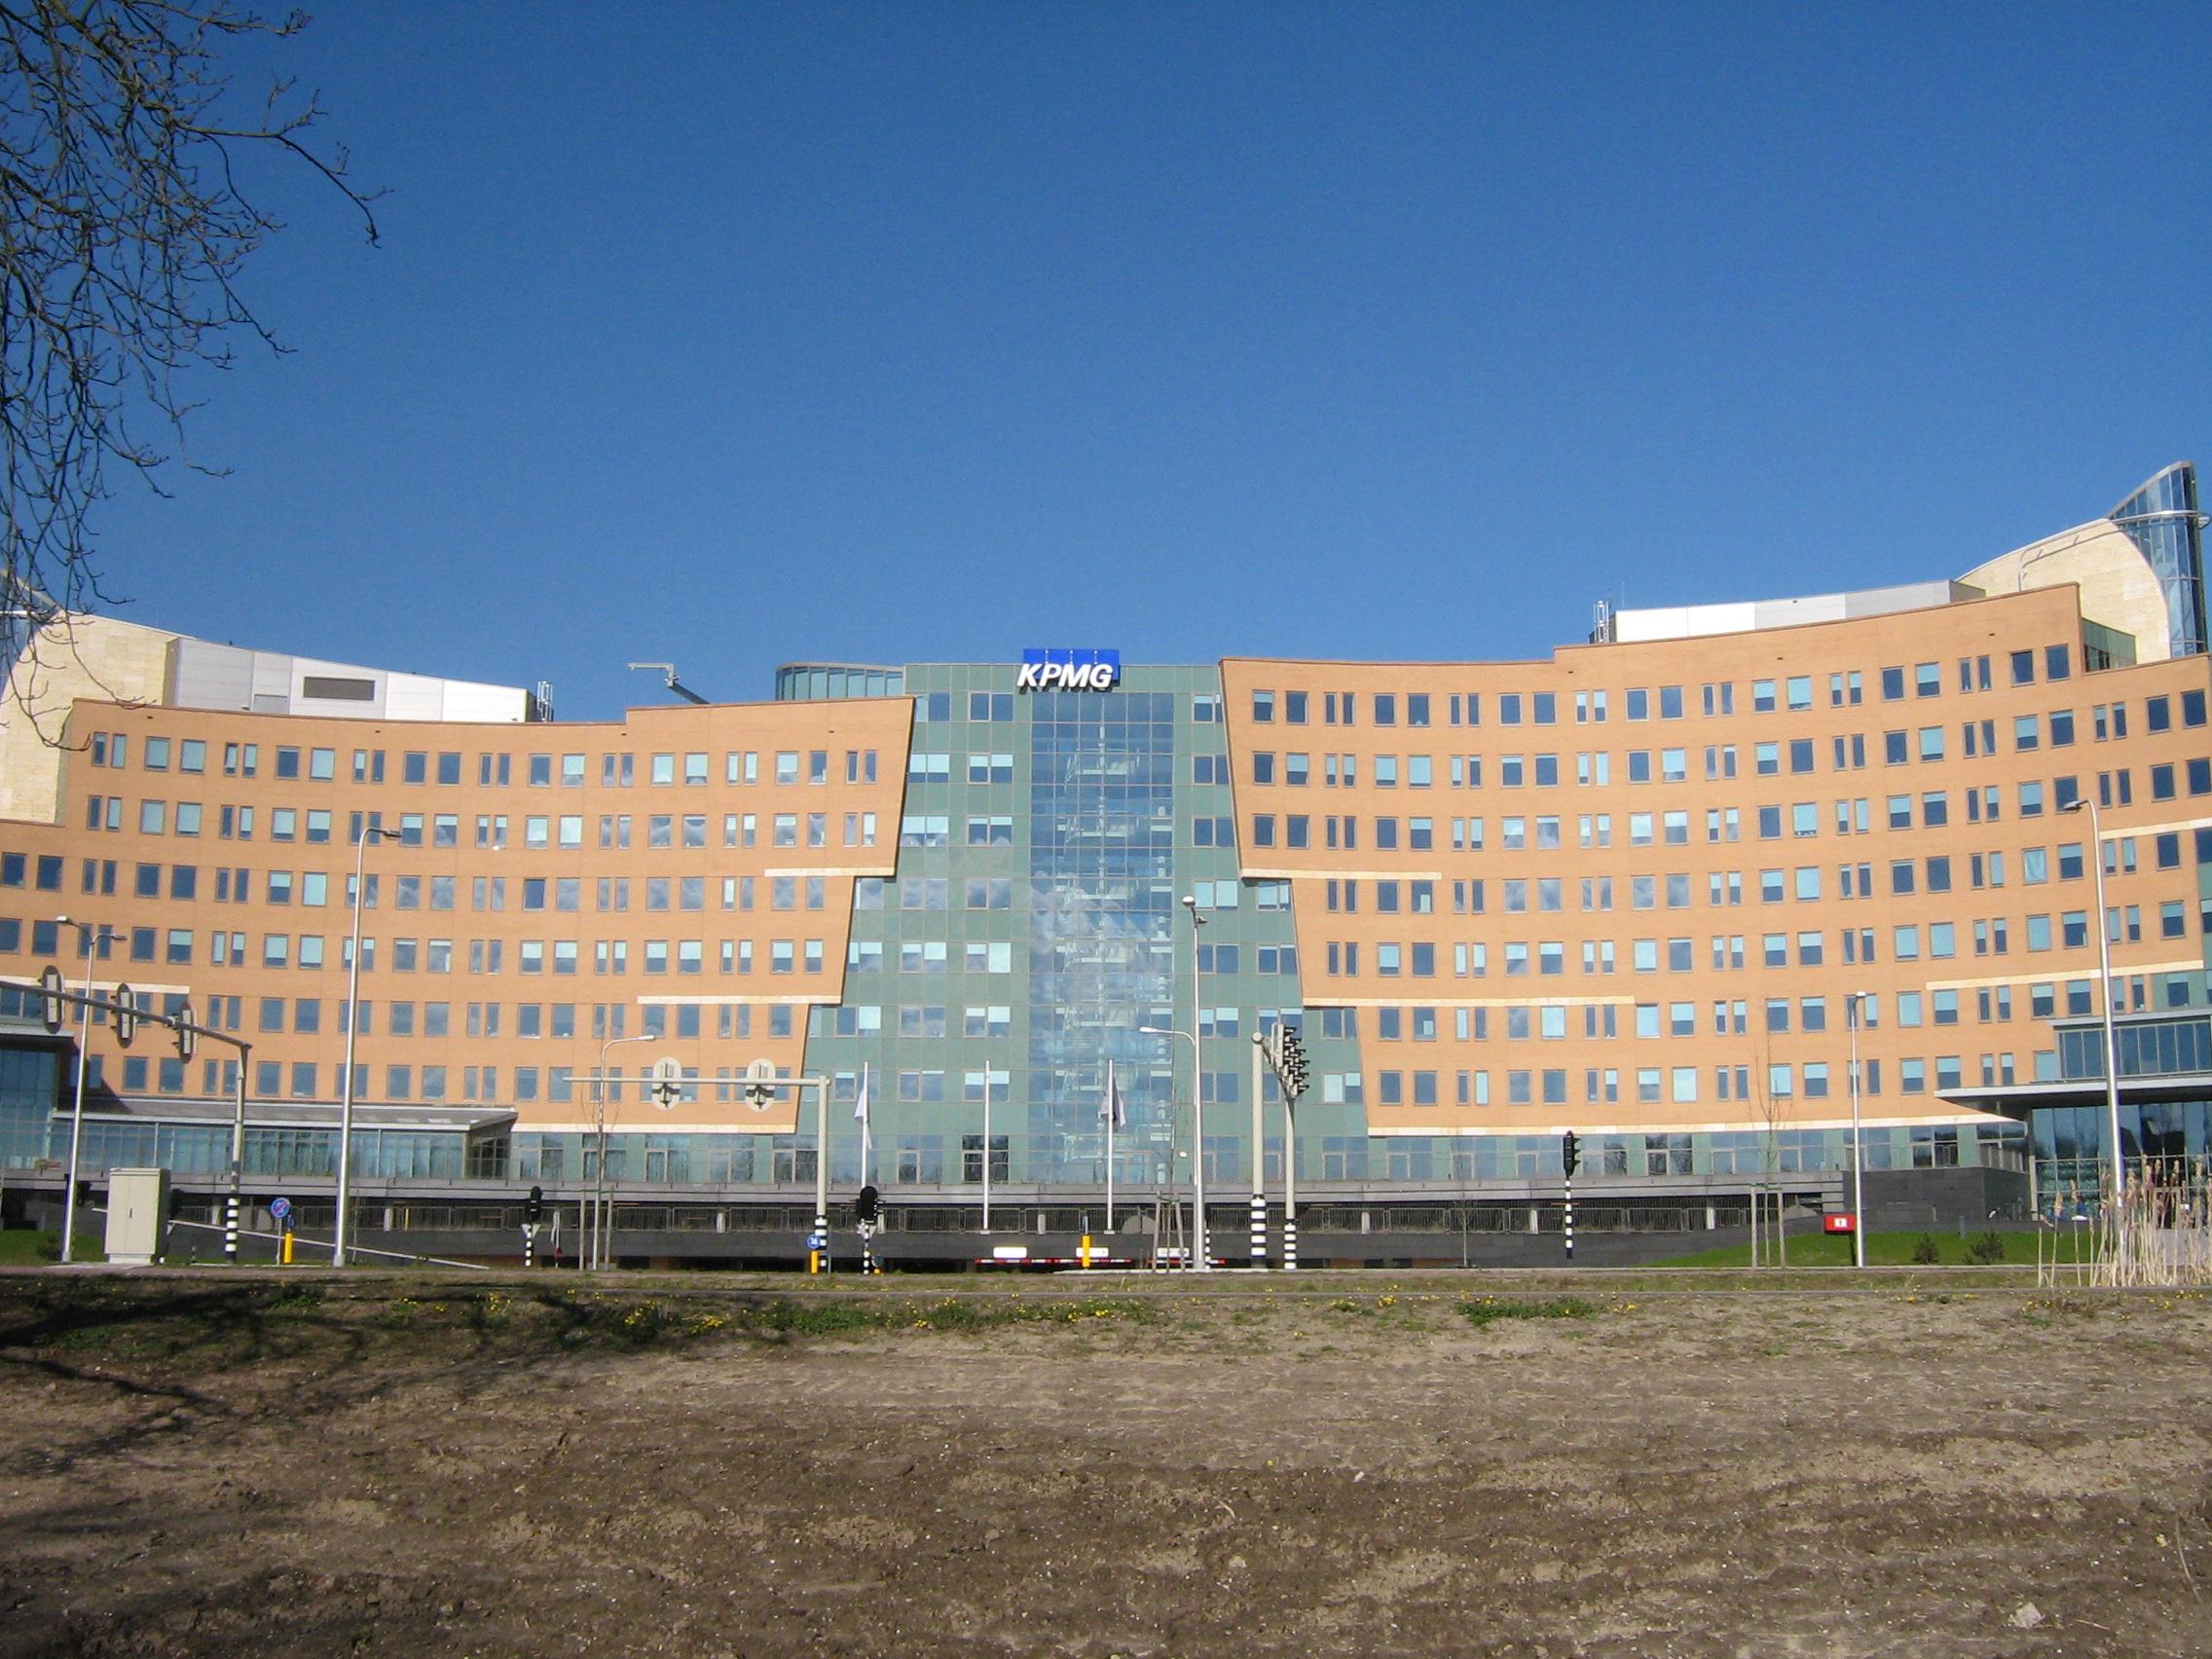 KPMG - Wikipedia